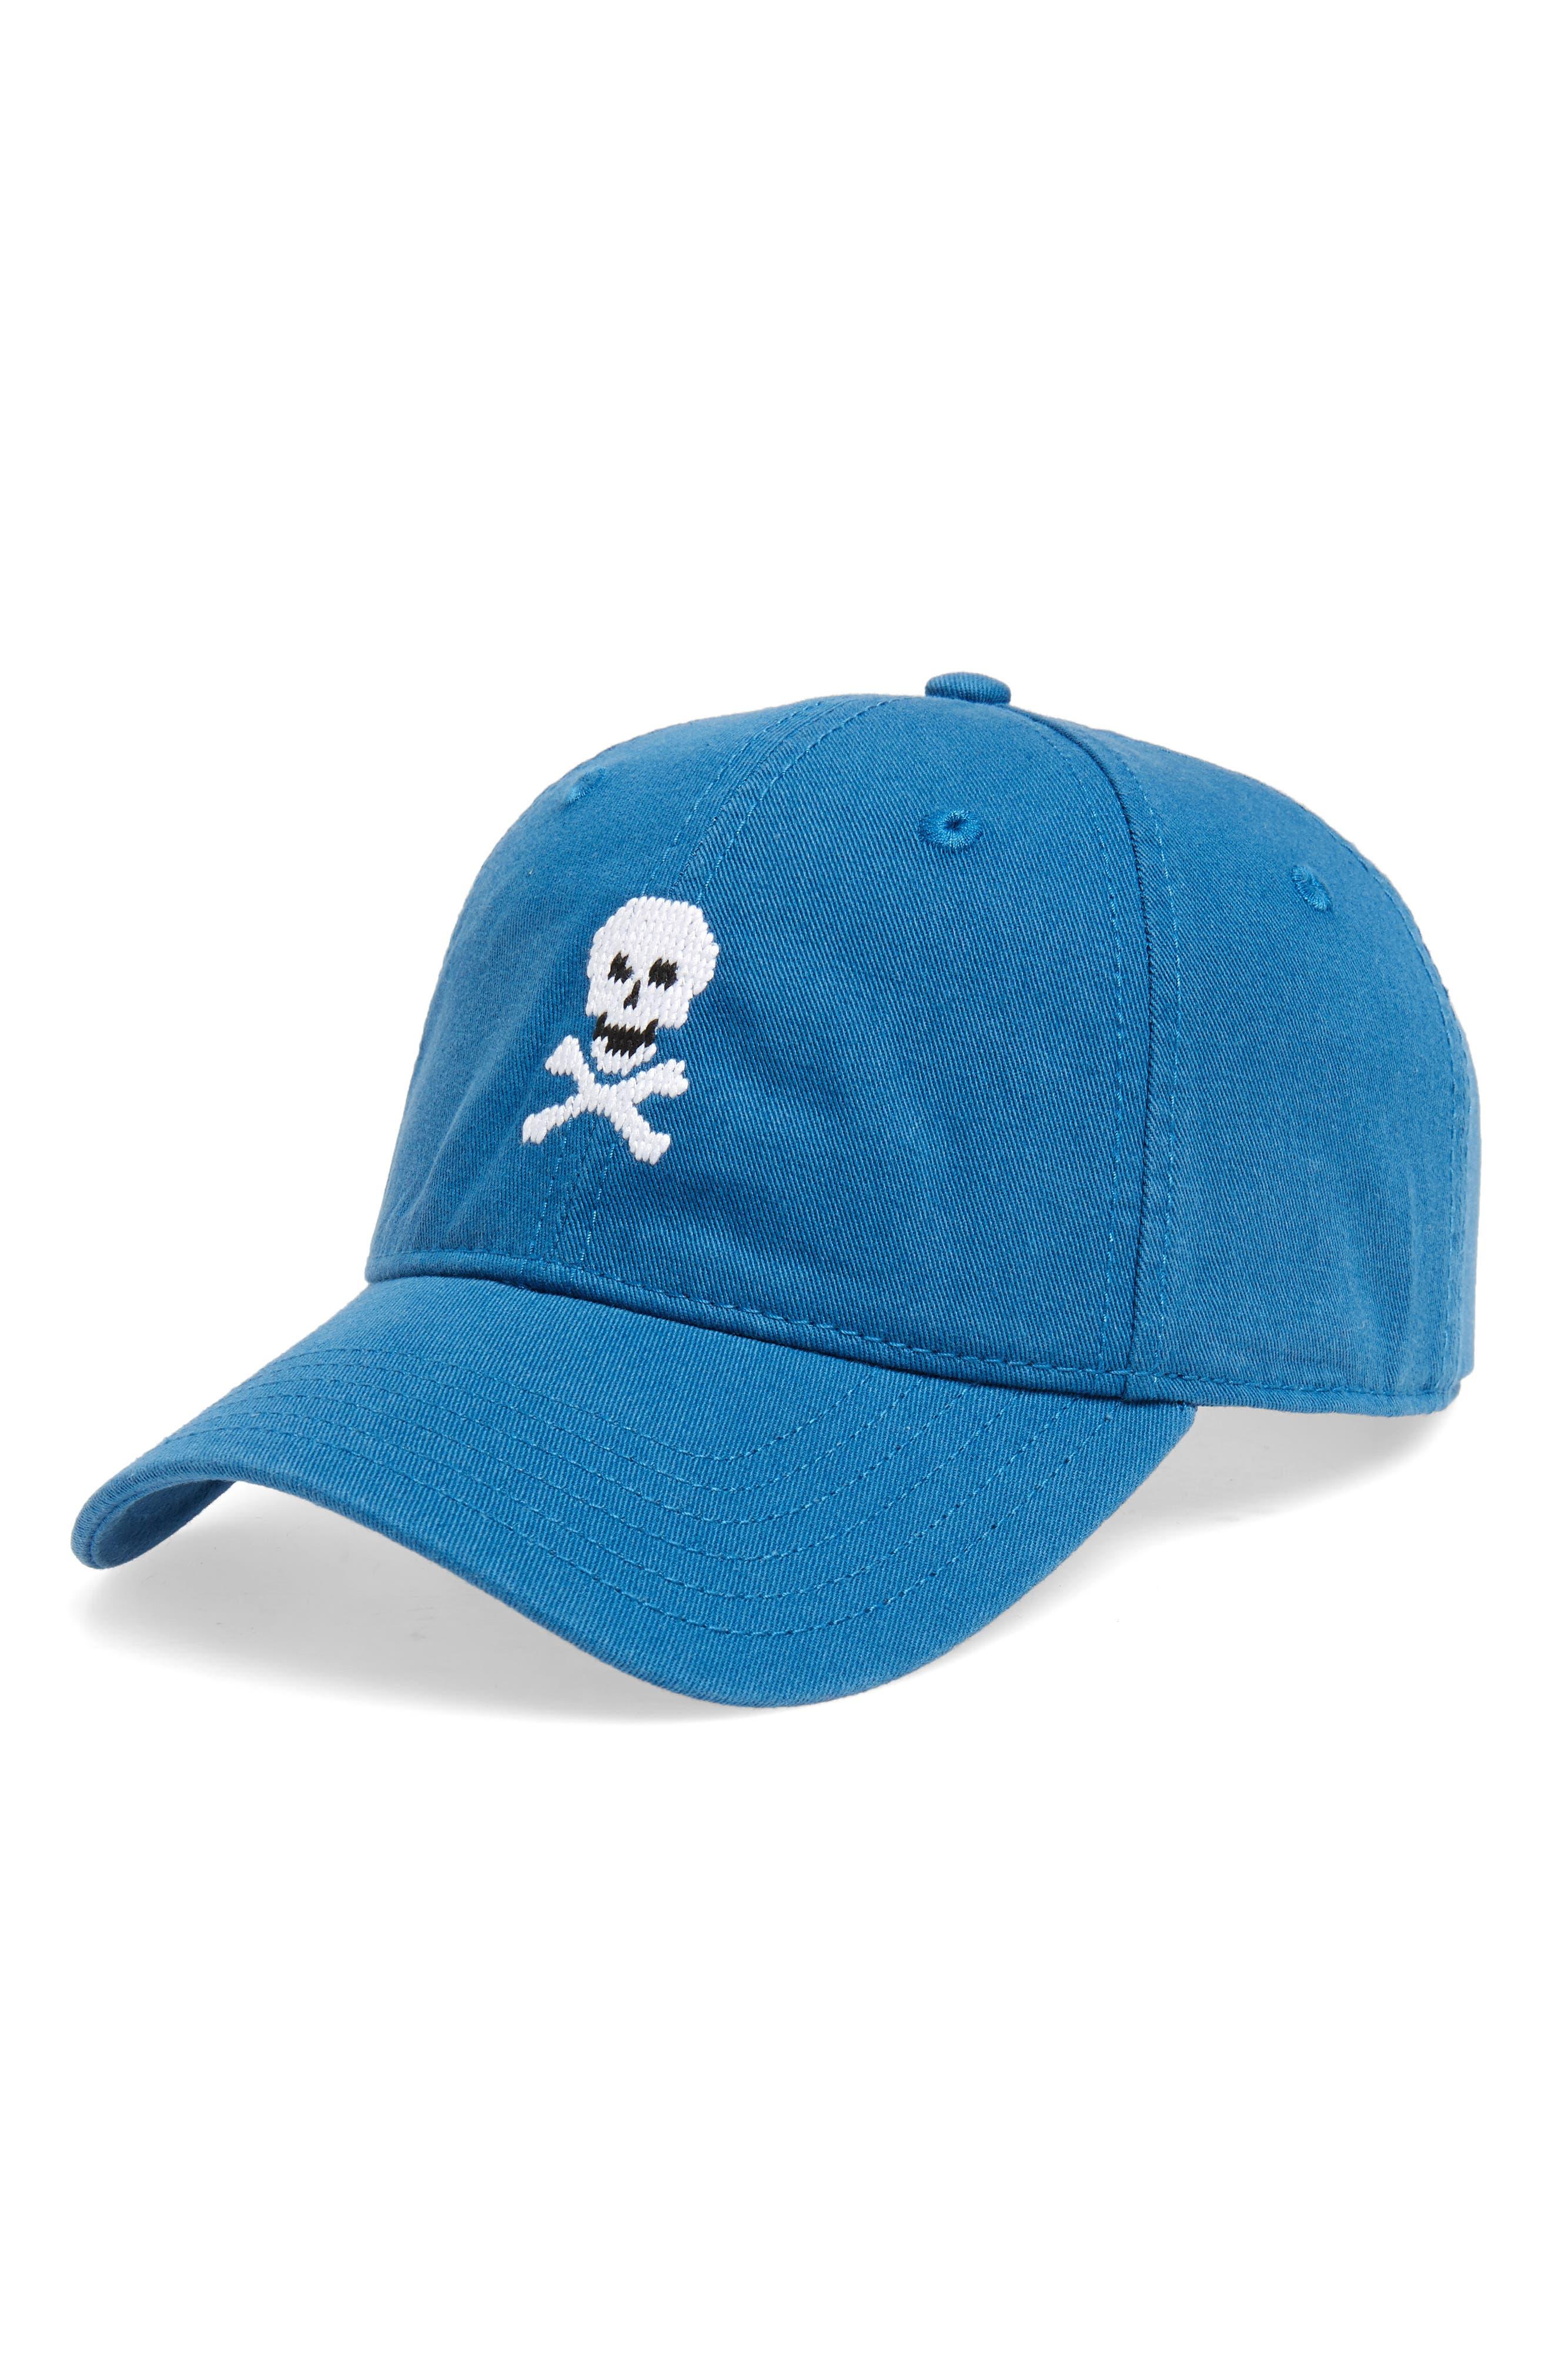 Skull & Bones Baseball Cap,                             Main thumbnail 1, color,                             CASPIAN BLUE